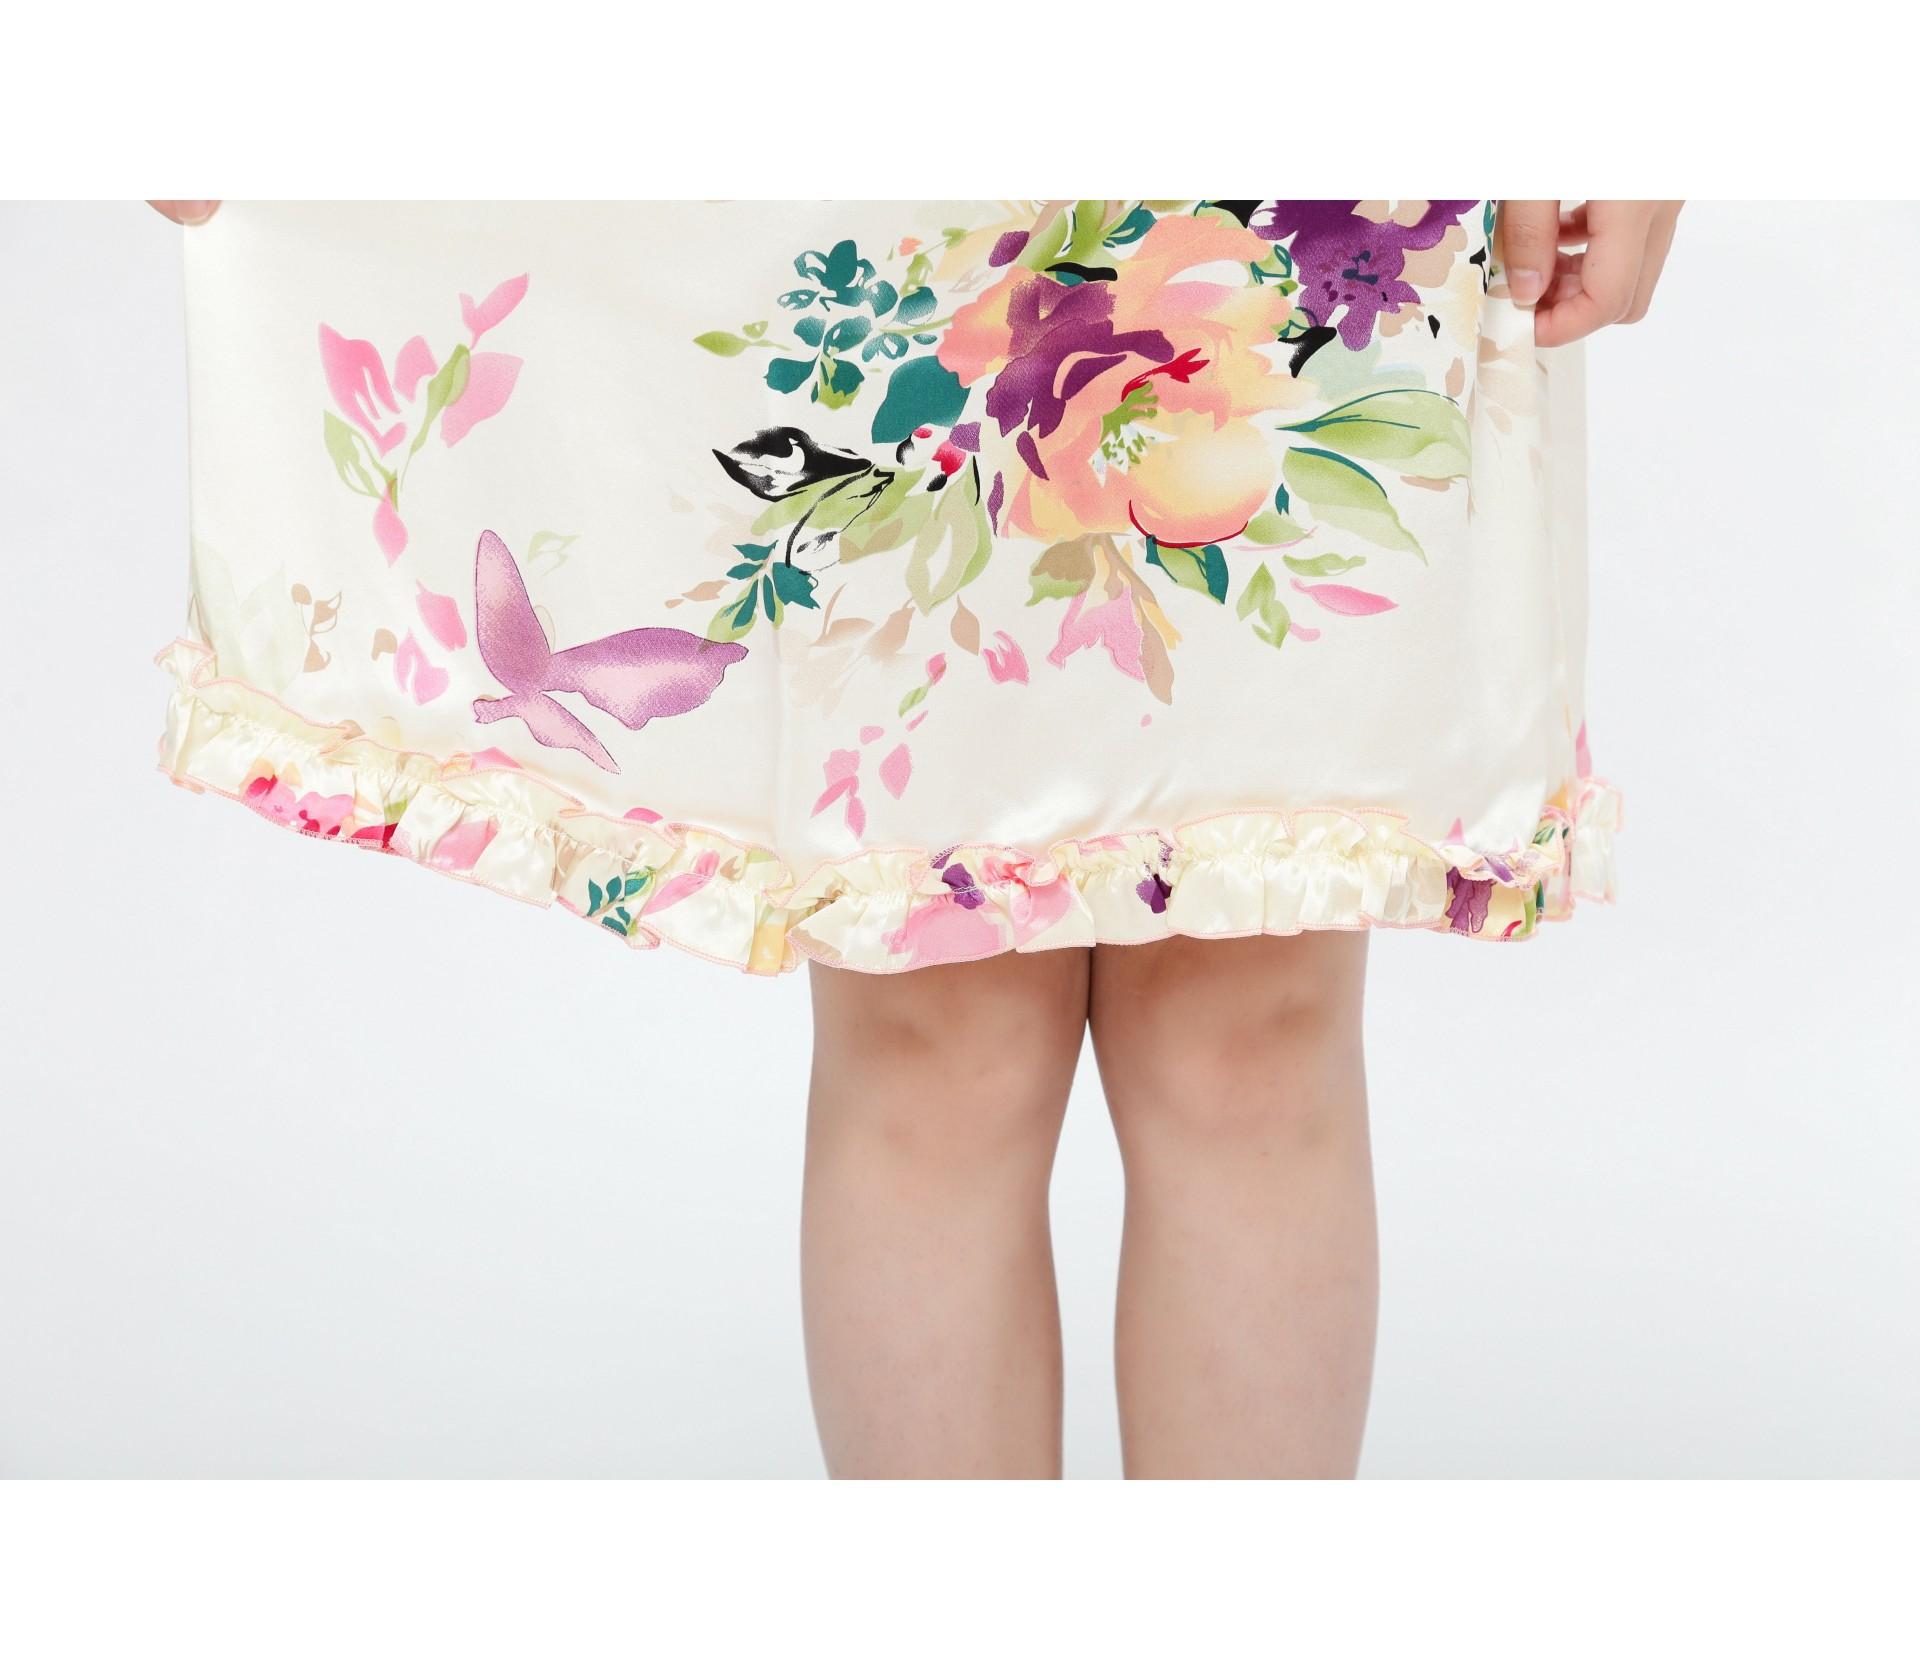 闕蘭絹南法風情印花輕盈舒適100%蠶絲連身睡衣-2230-2